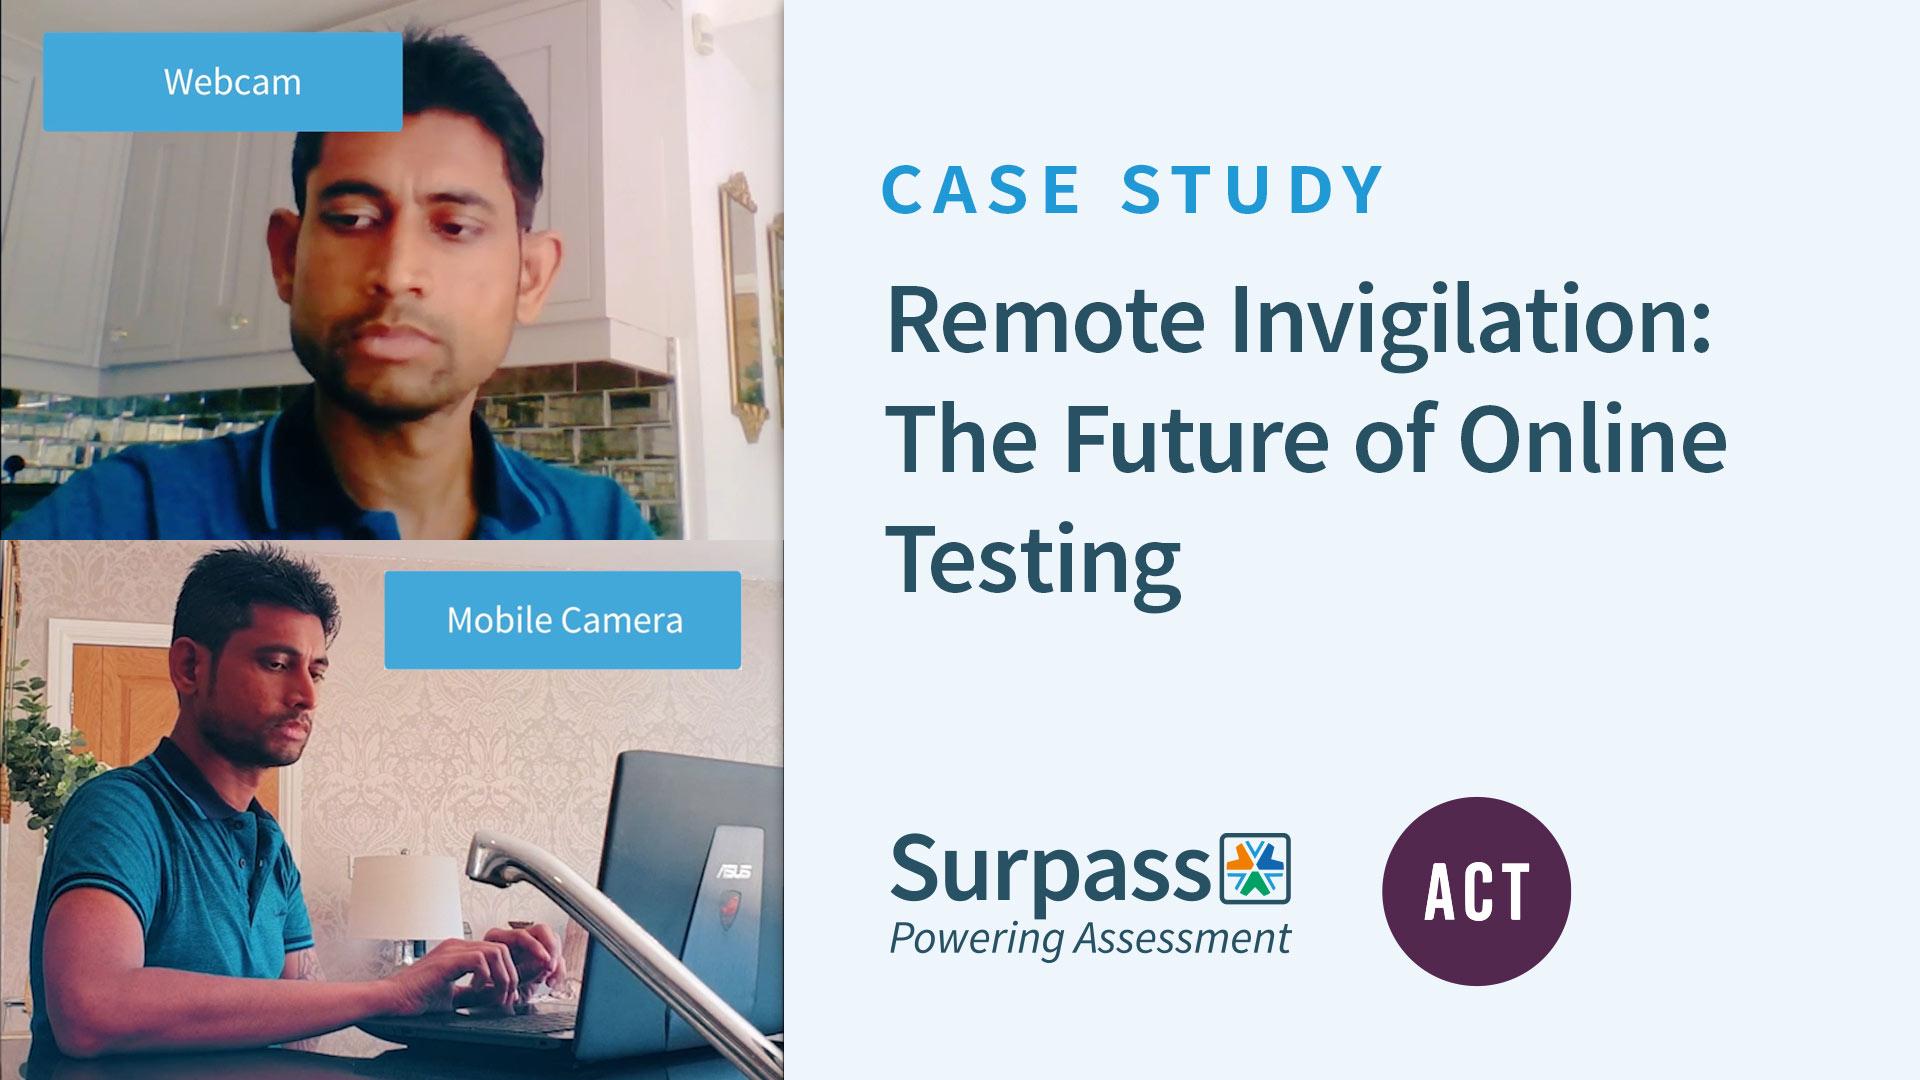 Case Study - Remote Invigilation: The Future of Online Testing